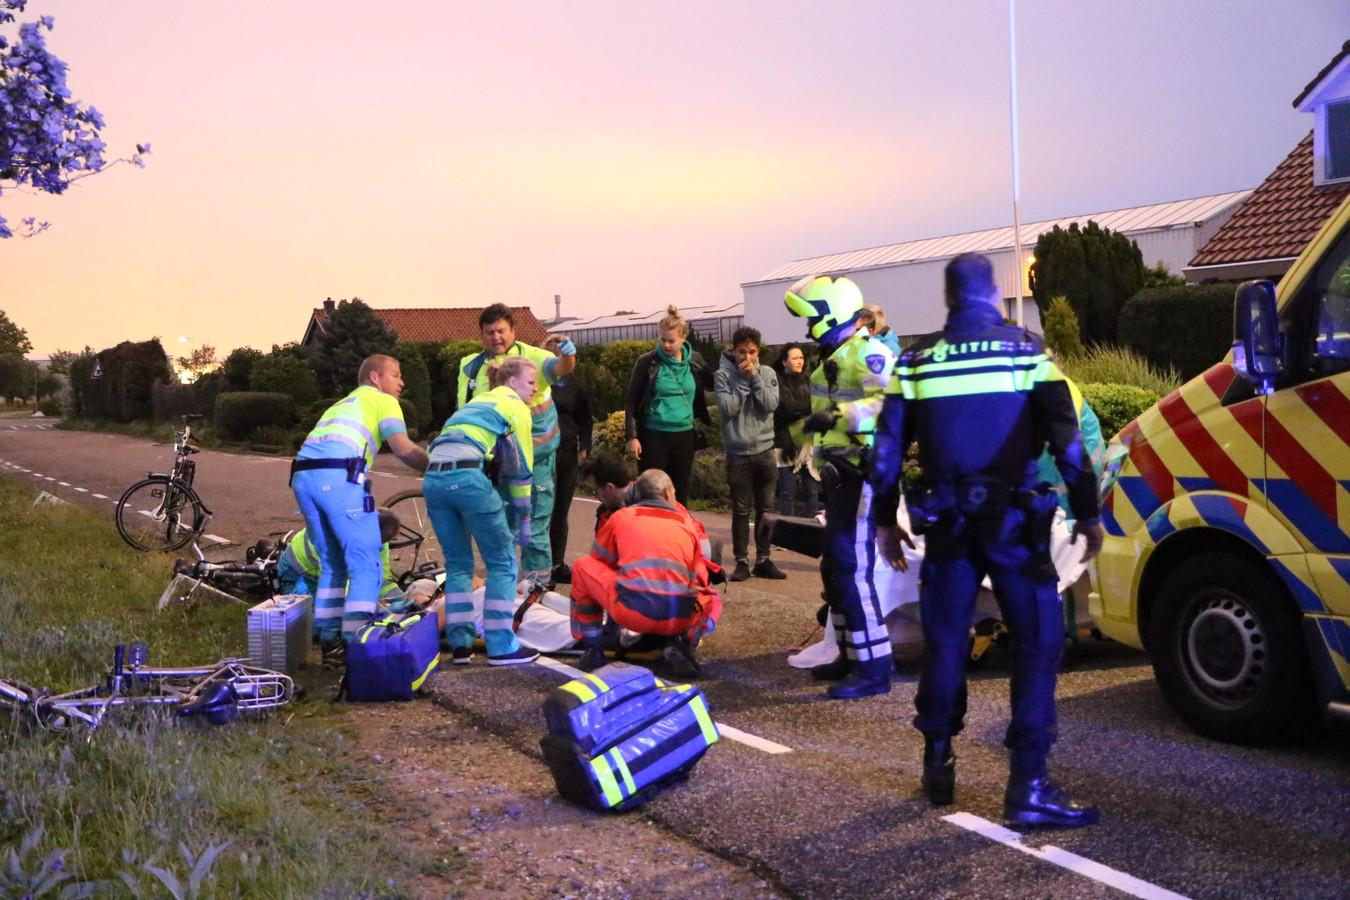 Een automobilist reed in op twee fietsers aan de Broekpolderlaan in Honselersdijk en liet een van hen zwaargewond achter.